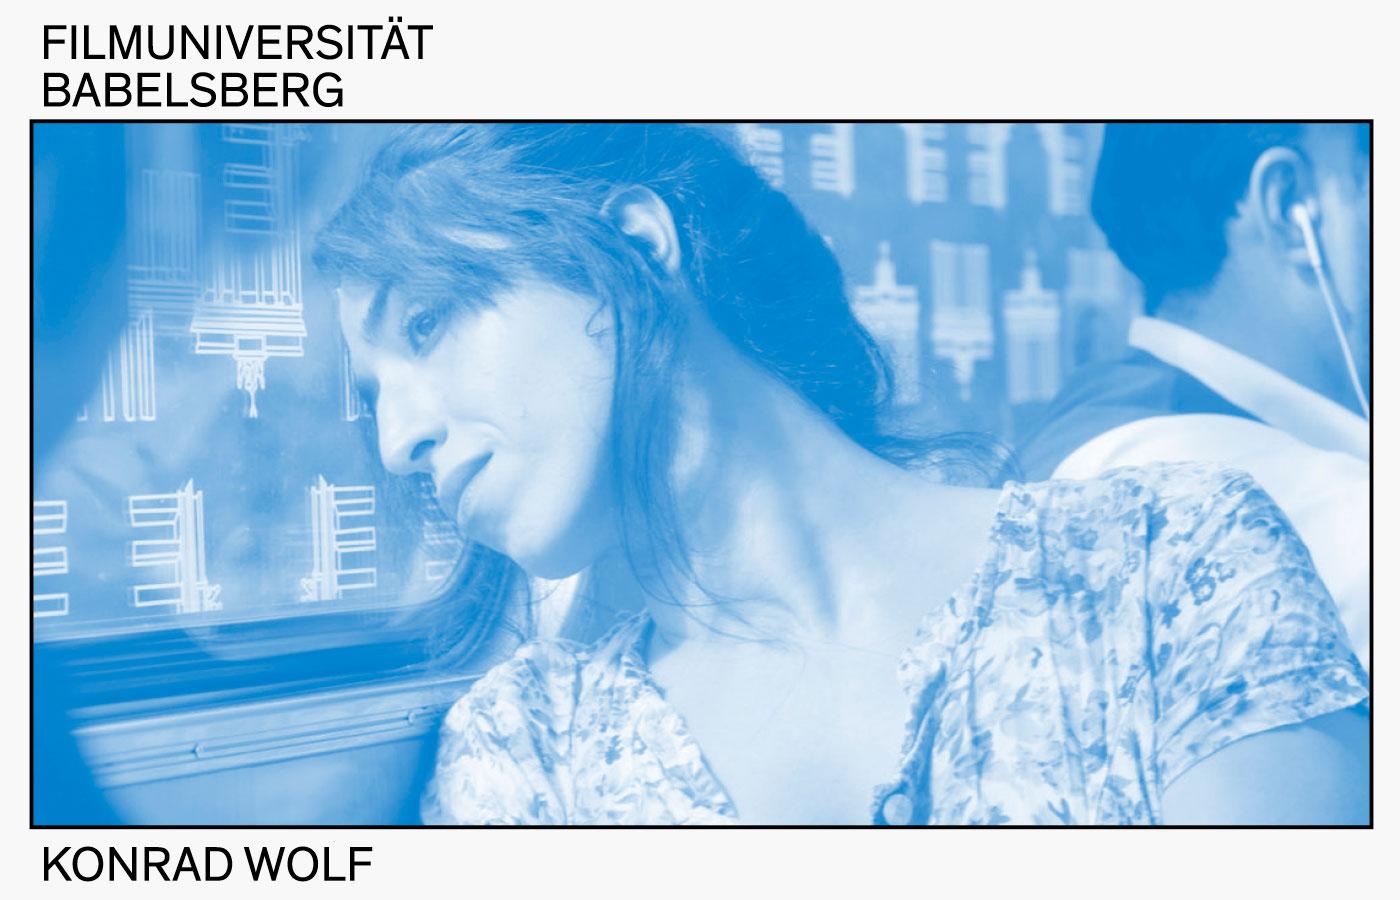 Filmuniversität BabelsbergDie Kunst des Erzählens in Babelsberg als Marke